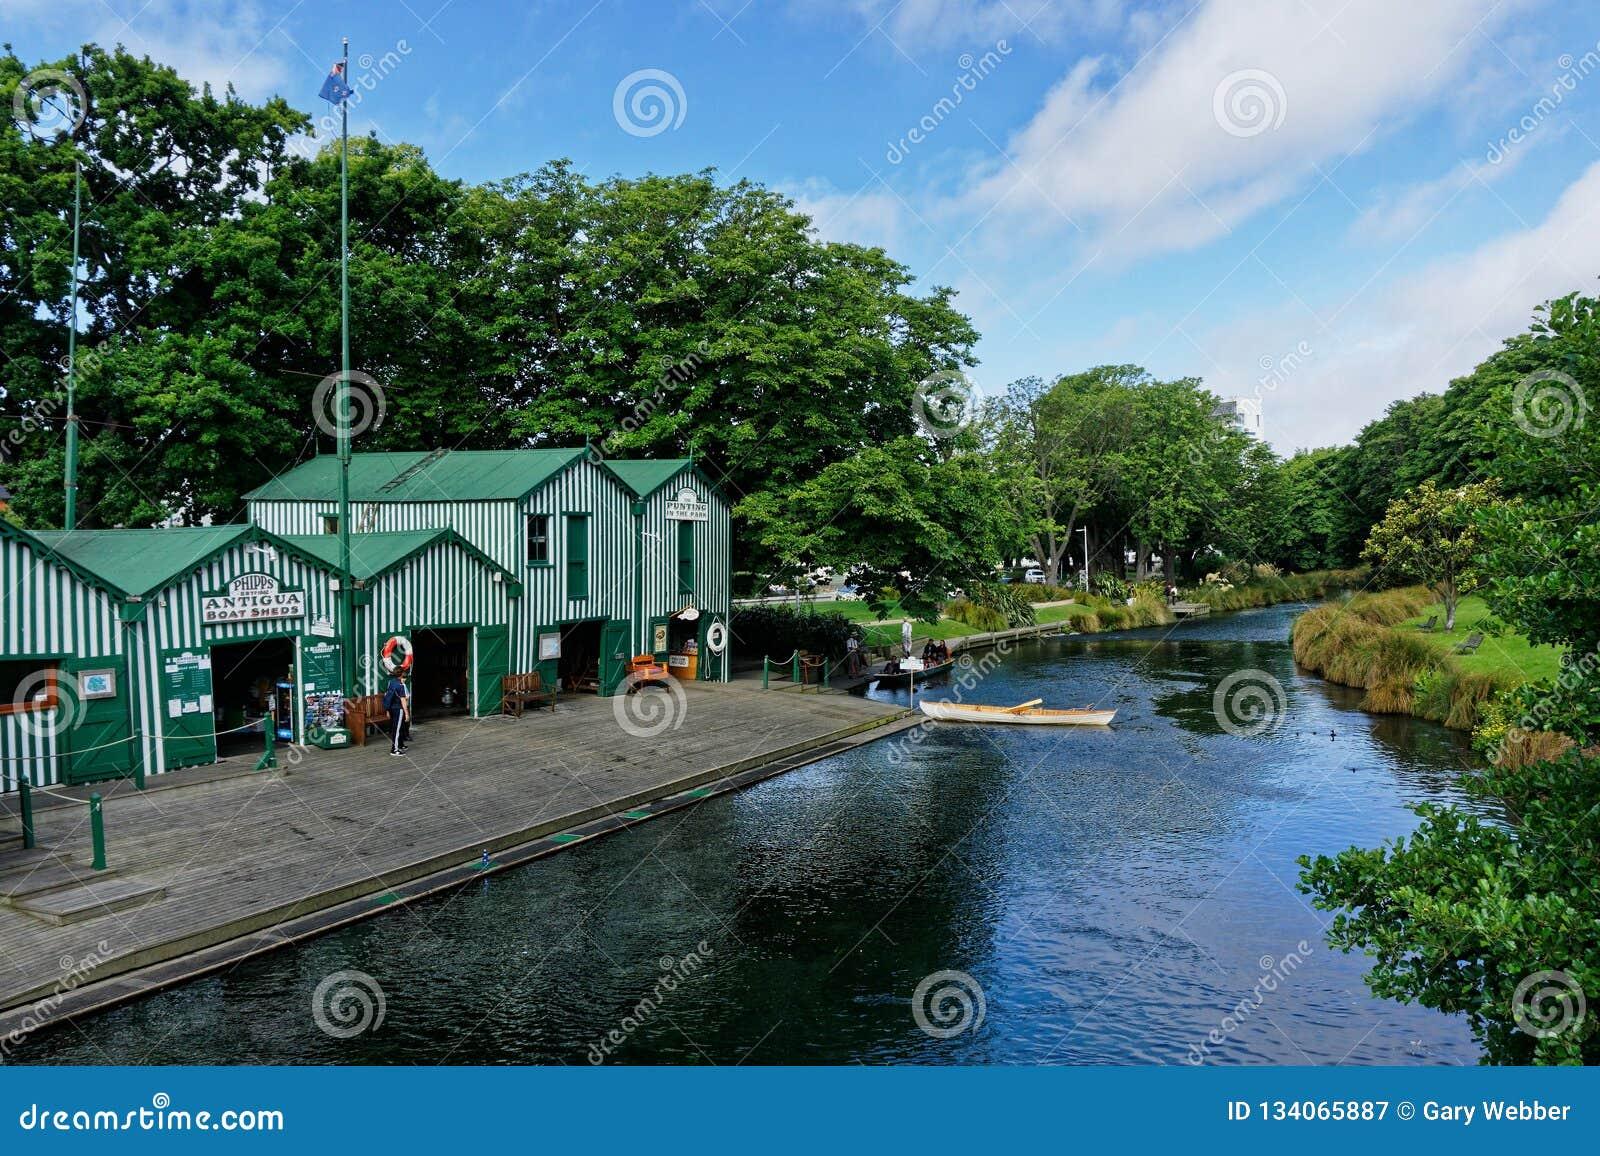 Ενοίκια Pleasureboat στον ποταμό Avon, Christchurch, Νέα Ζηλανδία